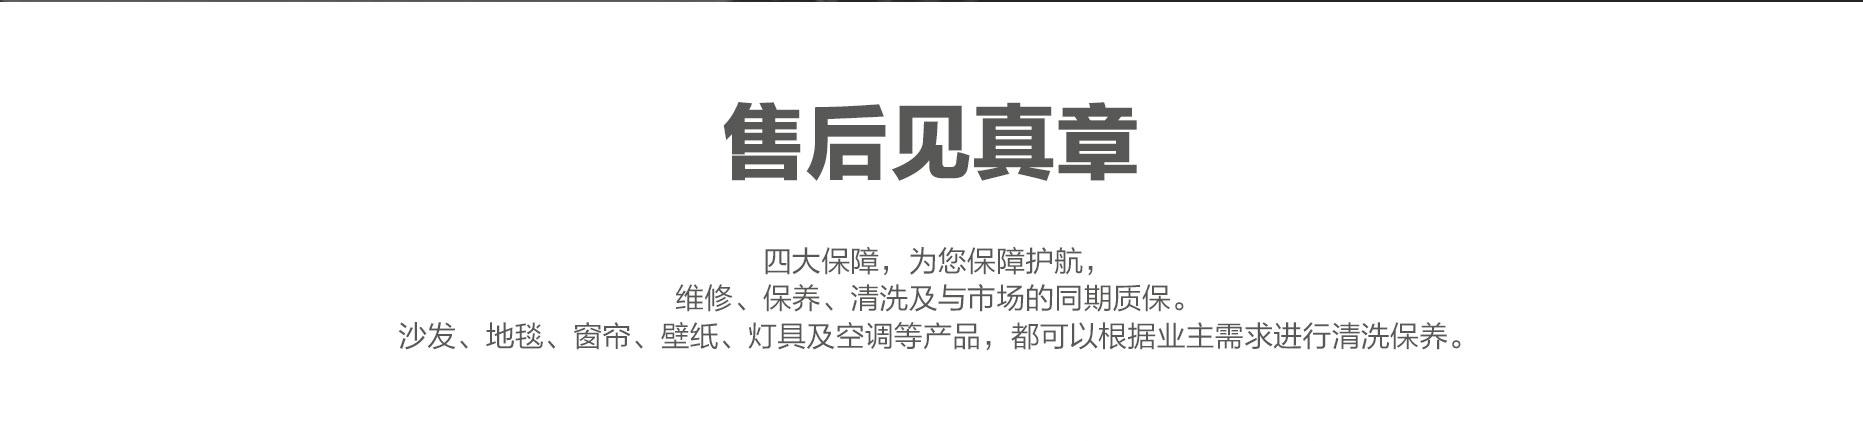 尚层365体育官方中文版下载_365体育游戏_365清流体育直播